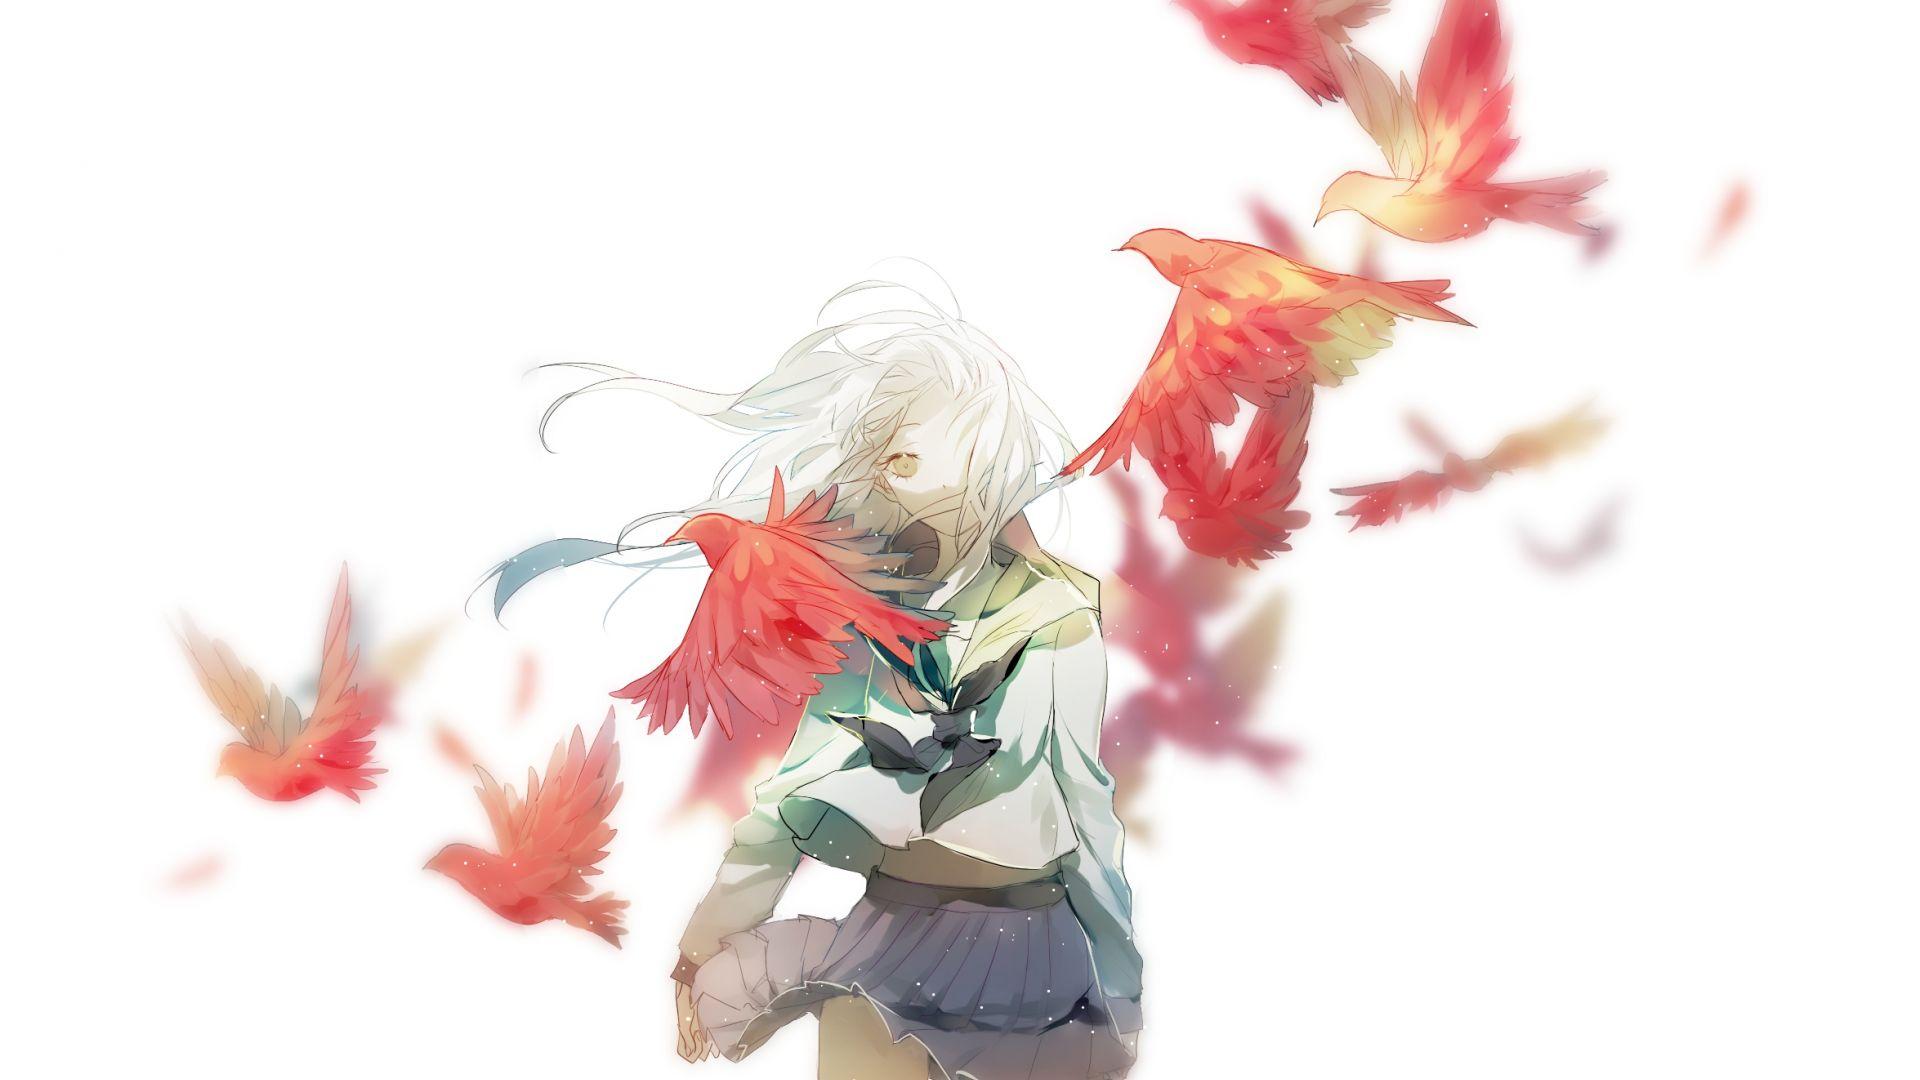 Wallpaper Long hair, birds, anime girl